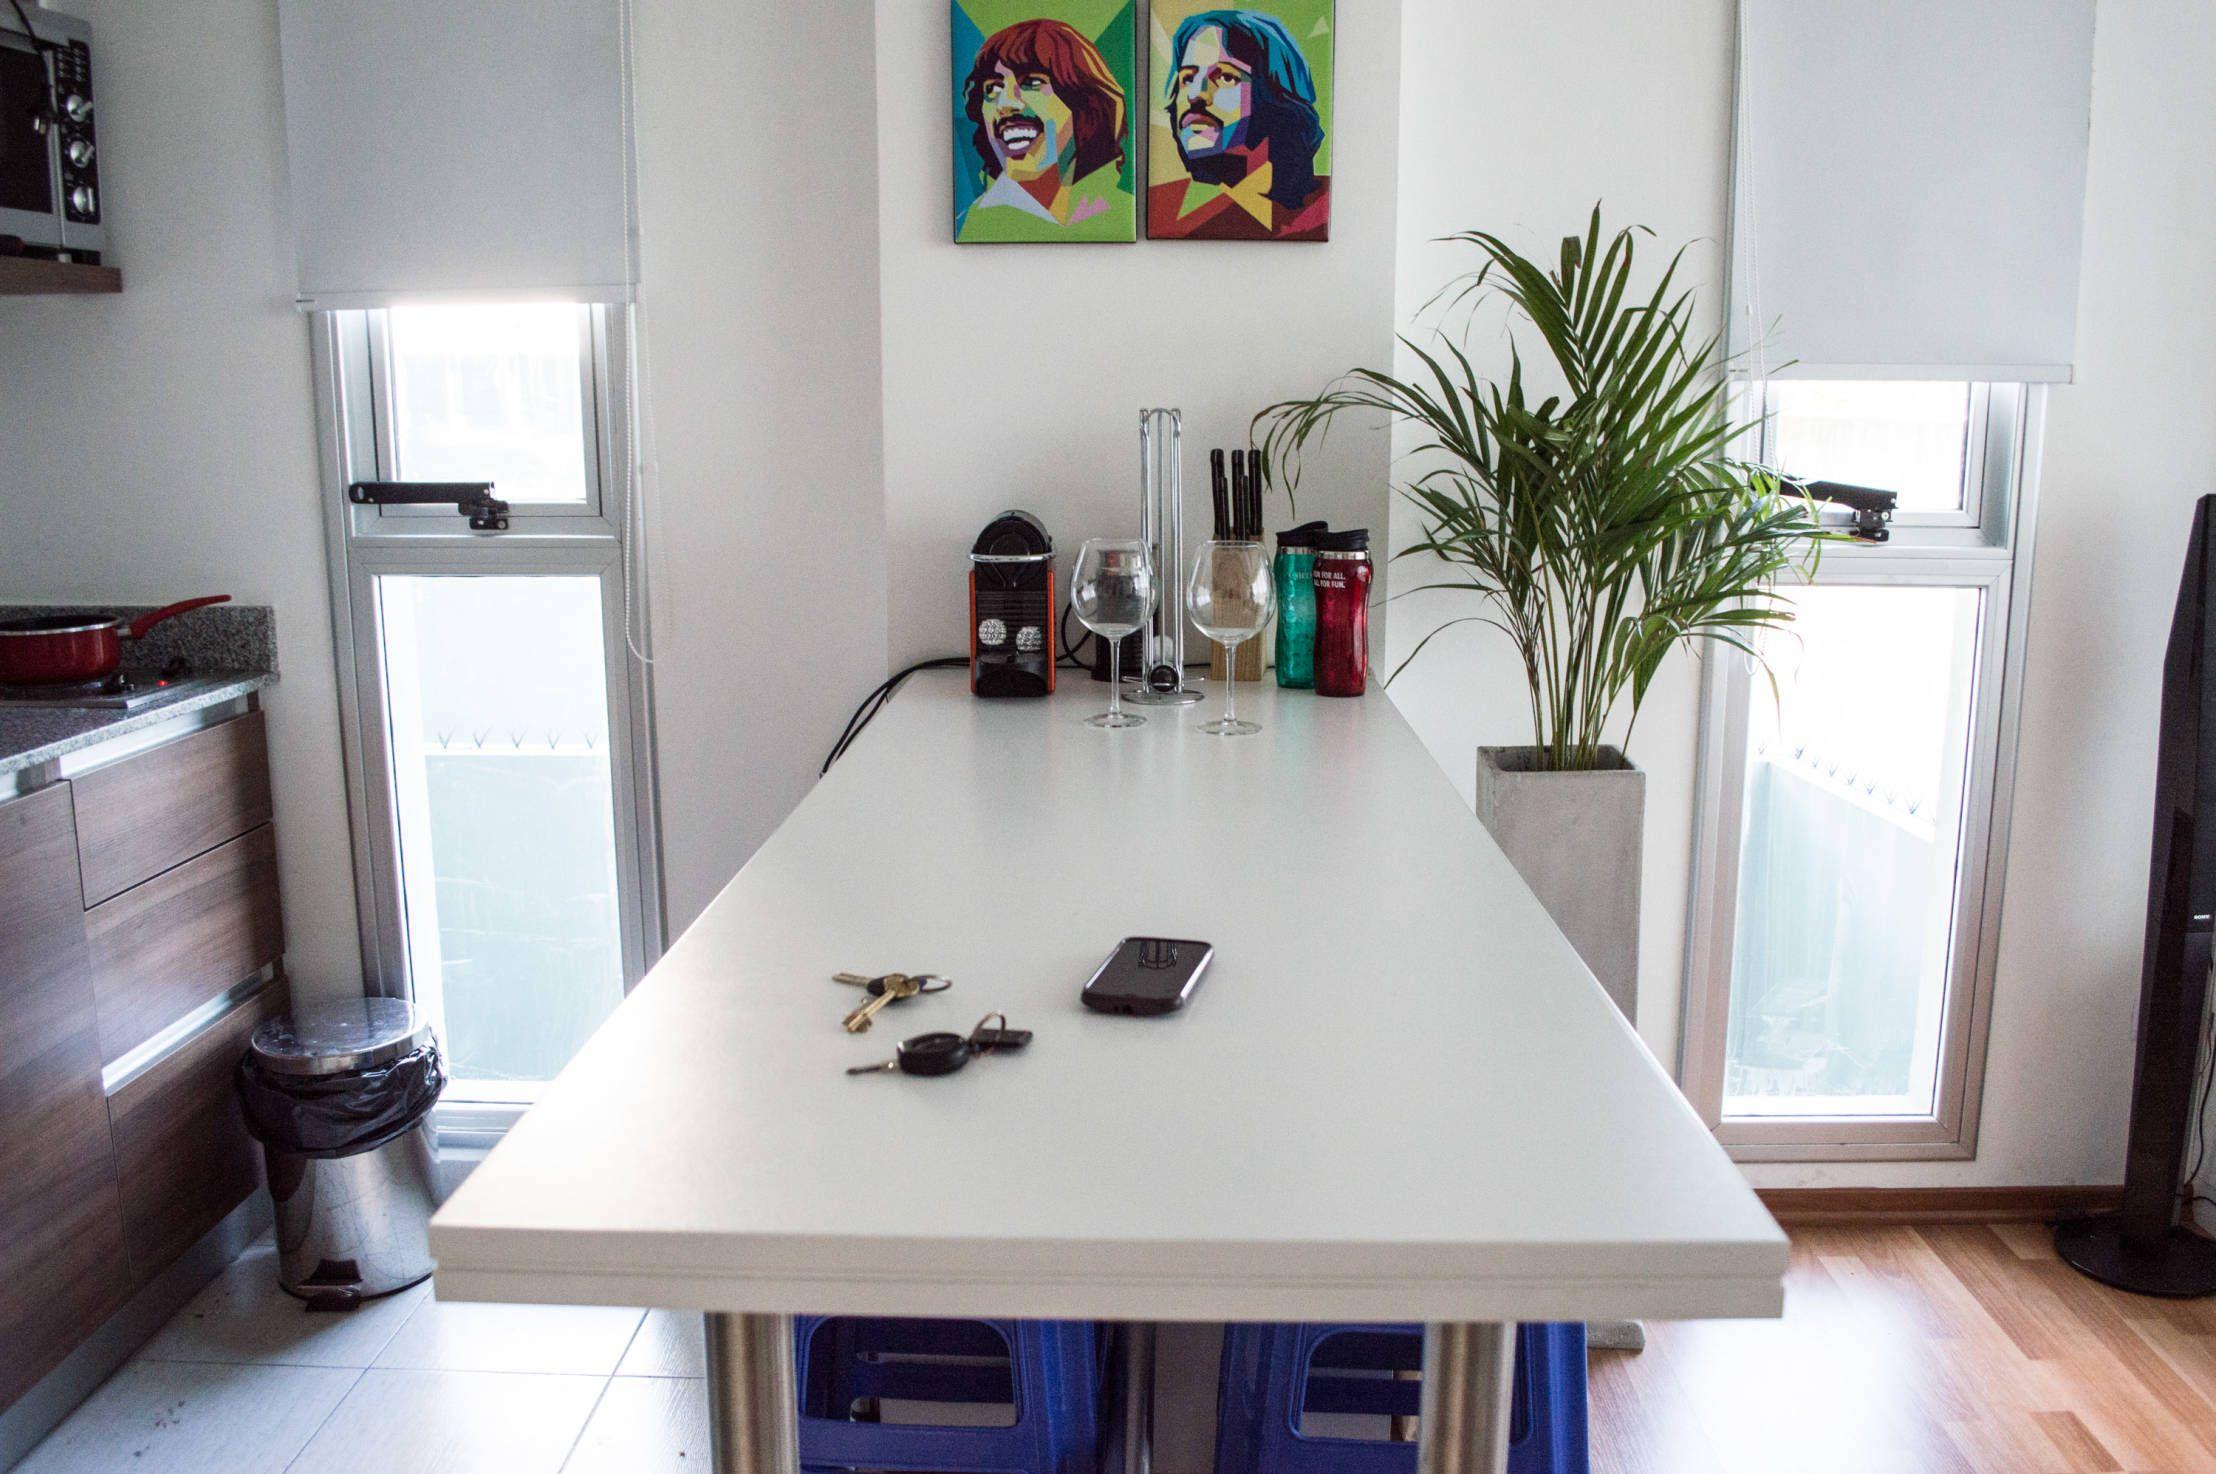 En este #apartamento del barrio Boedo de Buenos Aires desarrollado por @Minbai se usó un estilo minimalista que incluye los objetos estrictamente necesarios y un mobiliario con diseño inteligente para aprovechar al máximo el espacio y hacerlo lucir más grande. ¿Quieres verlo? https://www.homify.com.co/libros_de_ideas/826055/el-secreto-de-decorar-30-metros-cuadrados